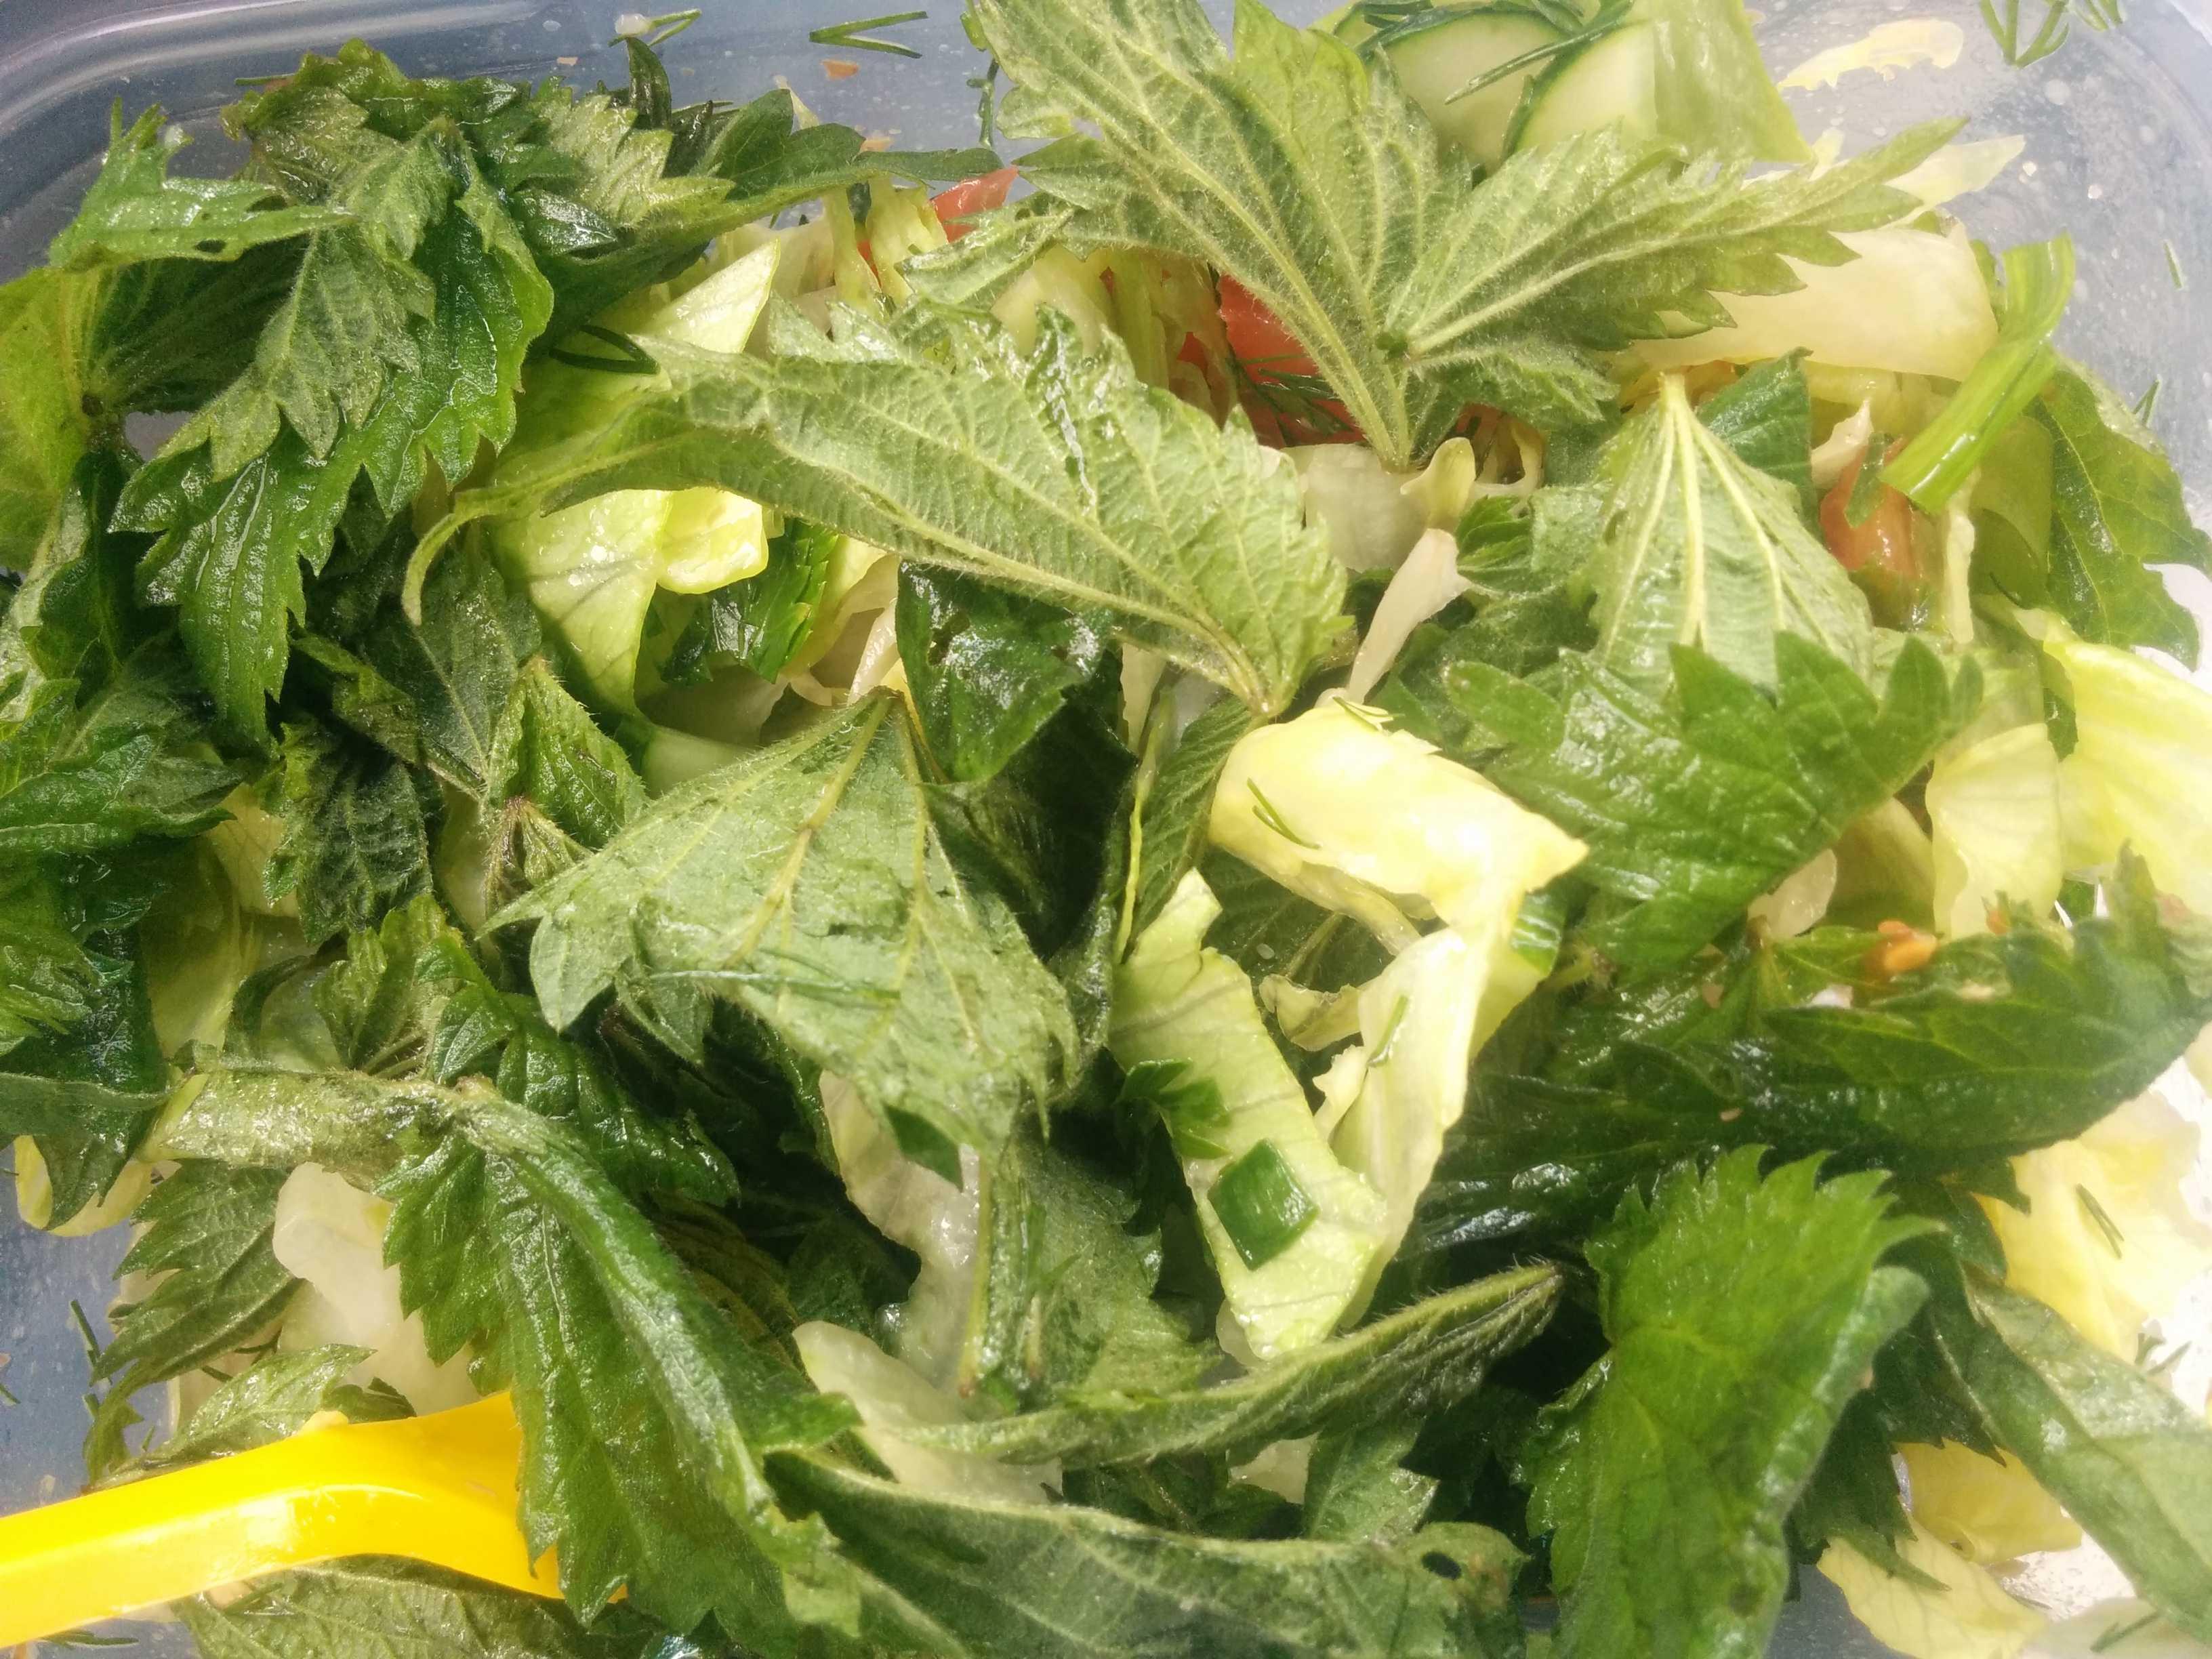 Салат из крапивы с яйцами на скорую руку рецепт с фото пошагово и видео - 1000.menu